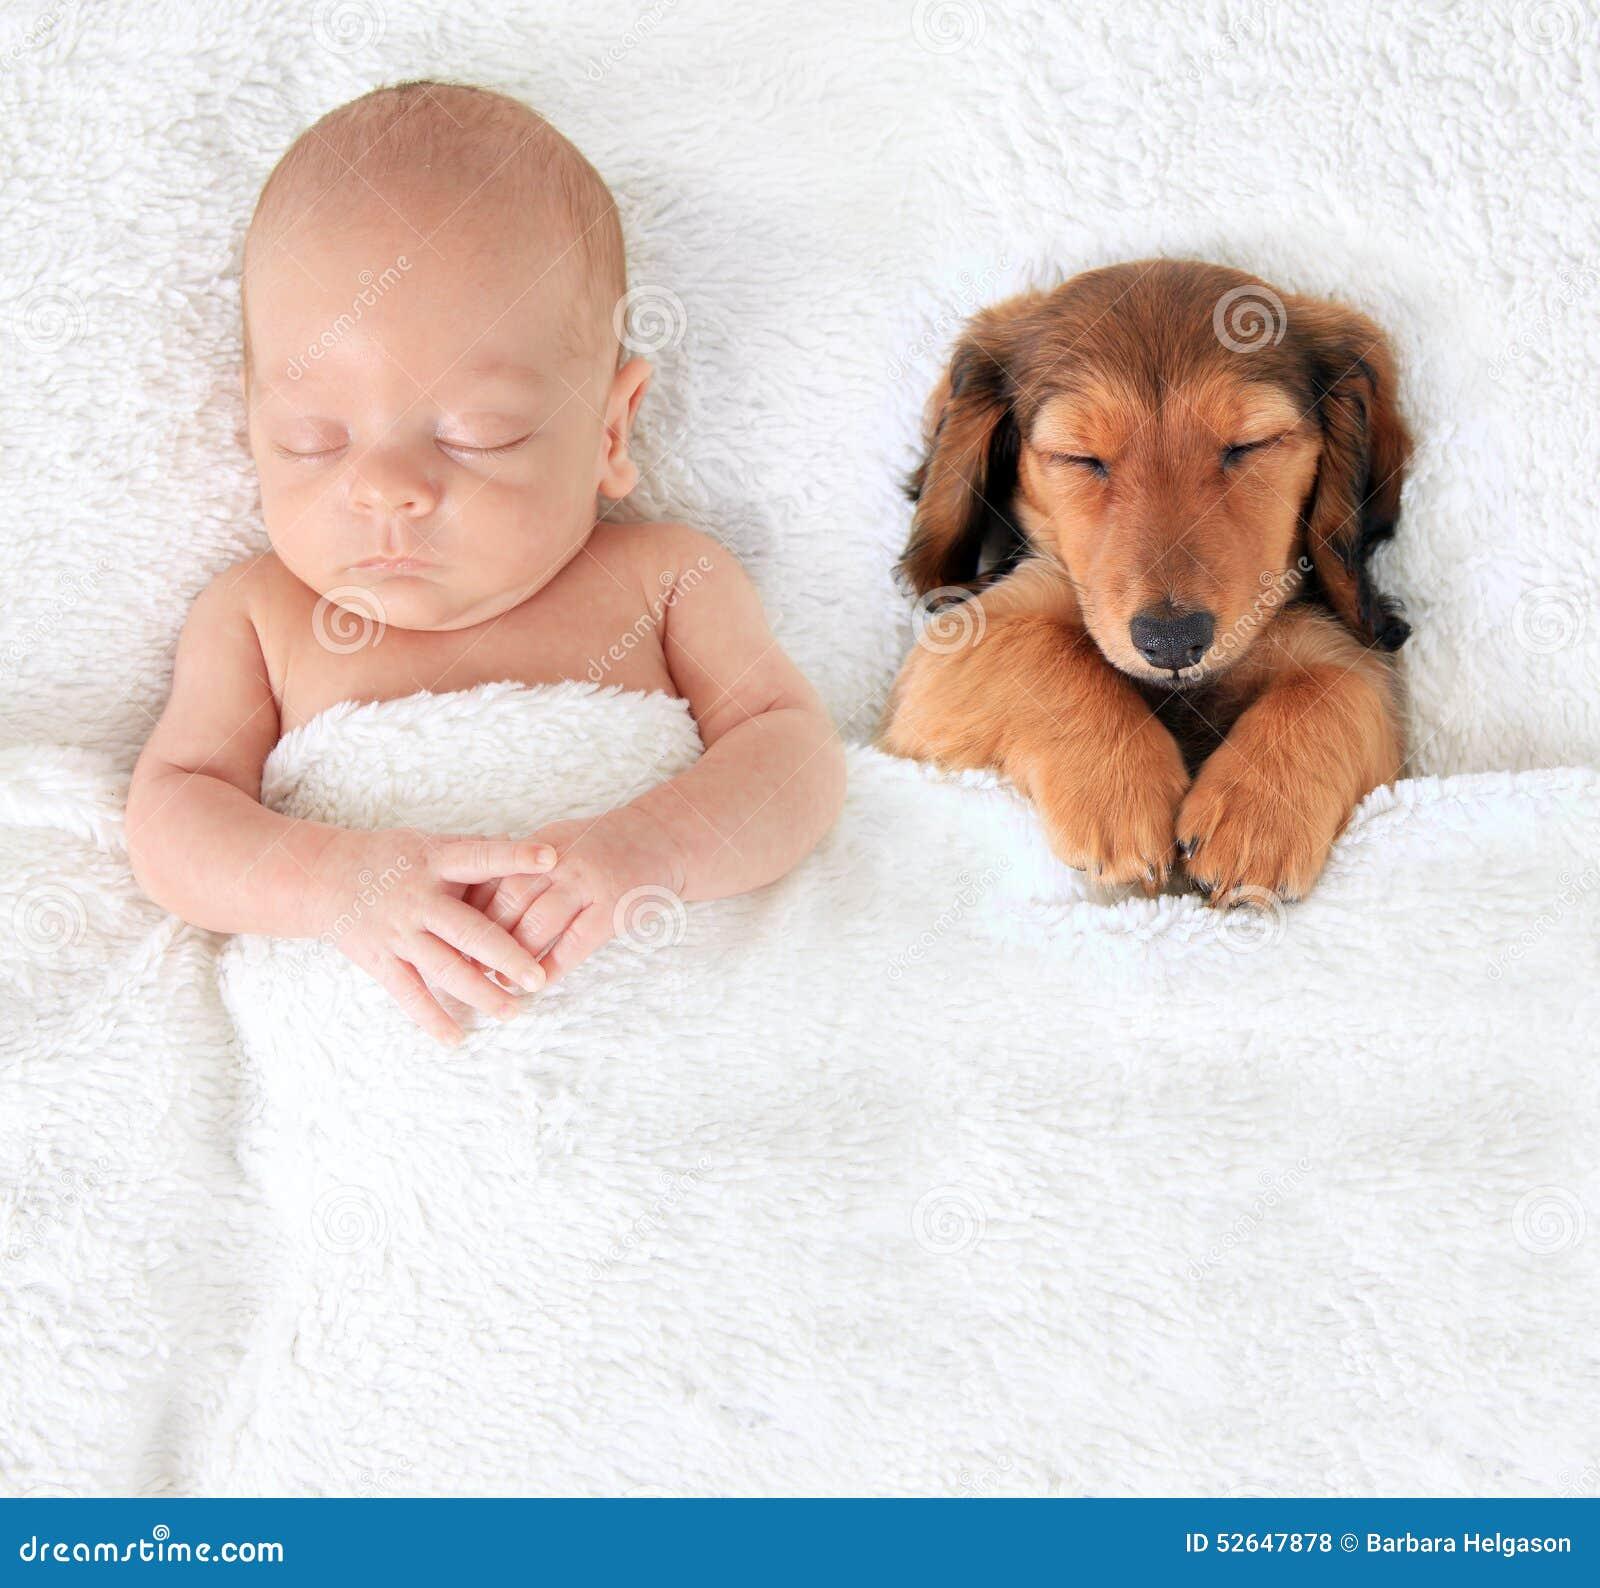 newborn baby and puppy stock photo   image 52647878